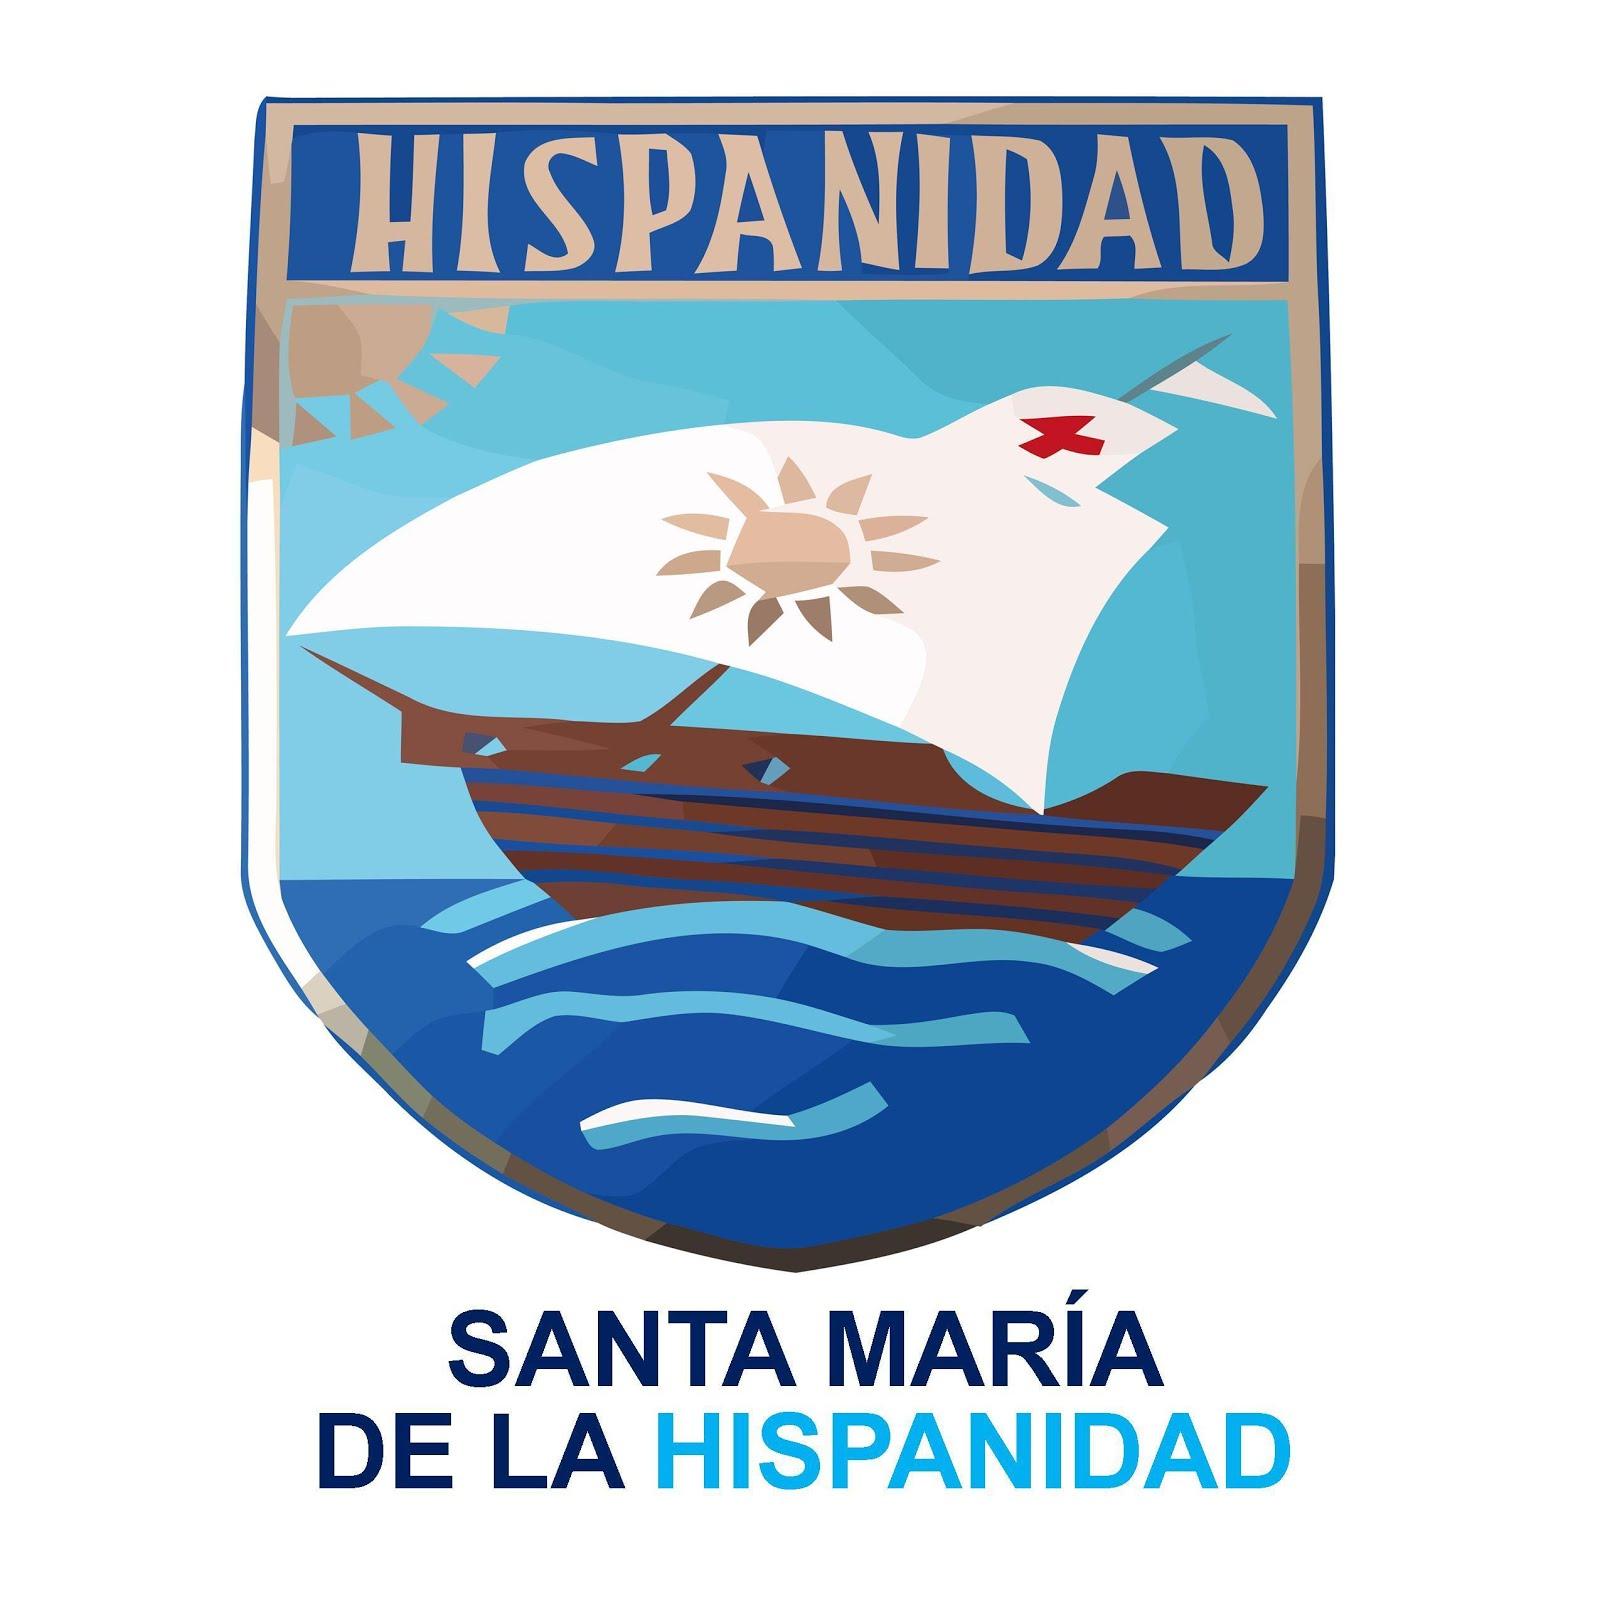 SANTA MARÍA DE LA HISPANIDAD